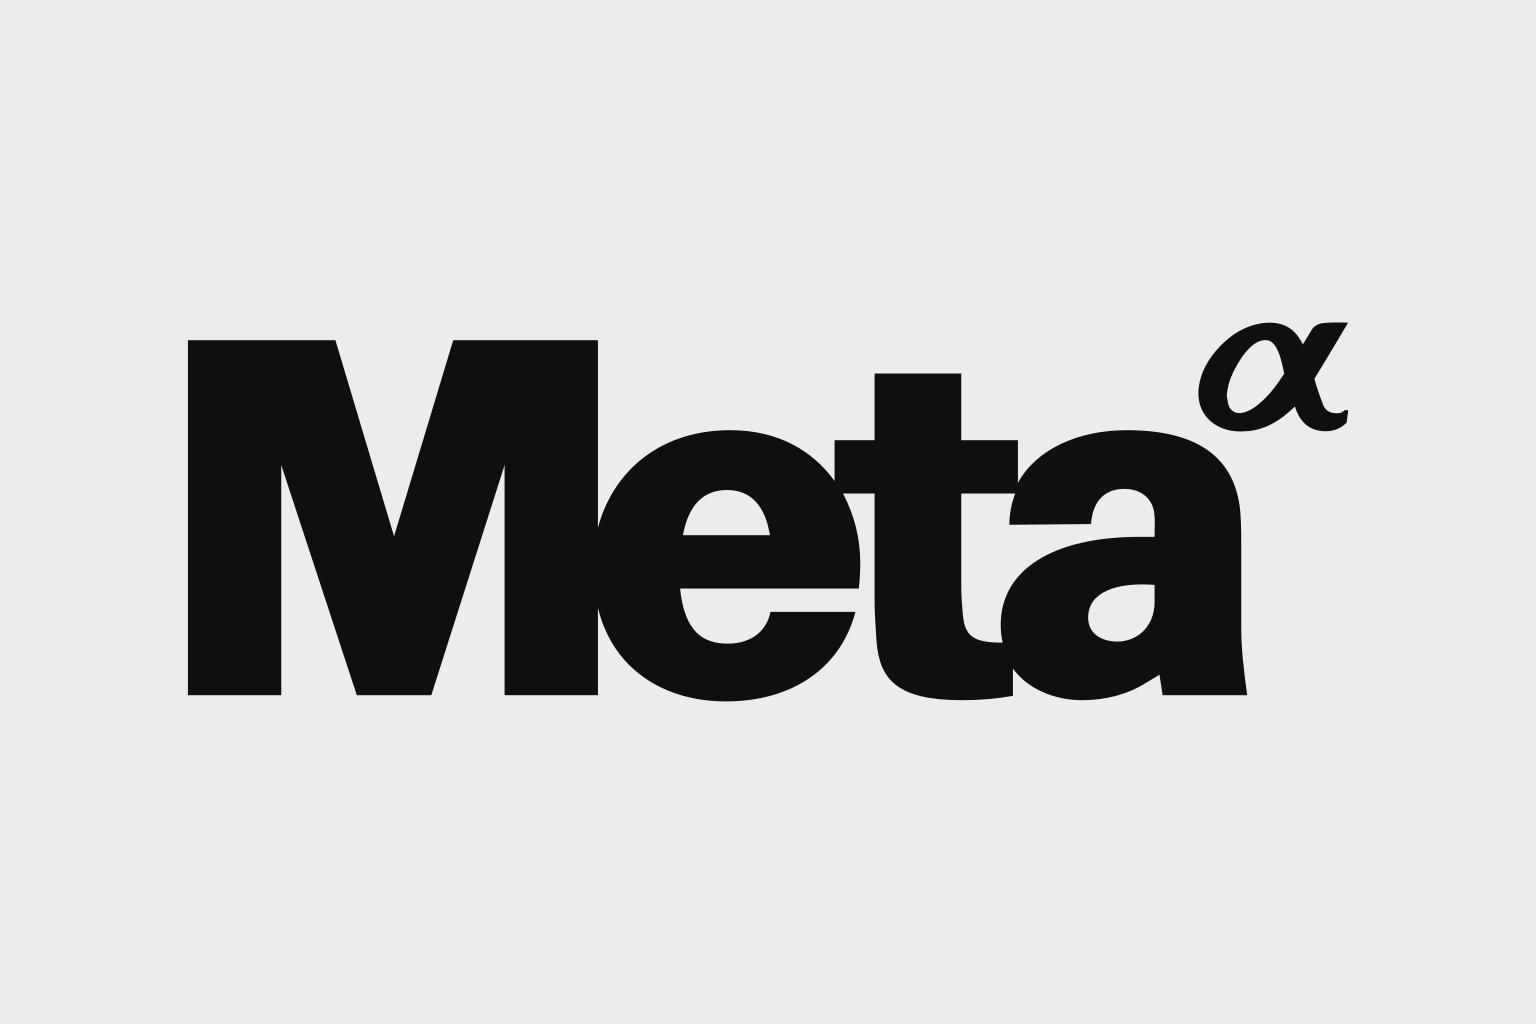 Meta Science logo